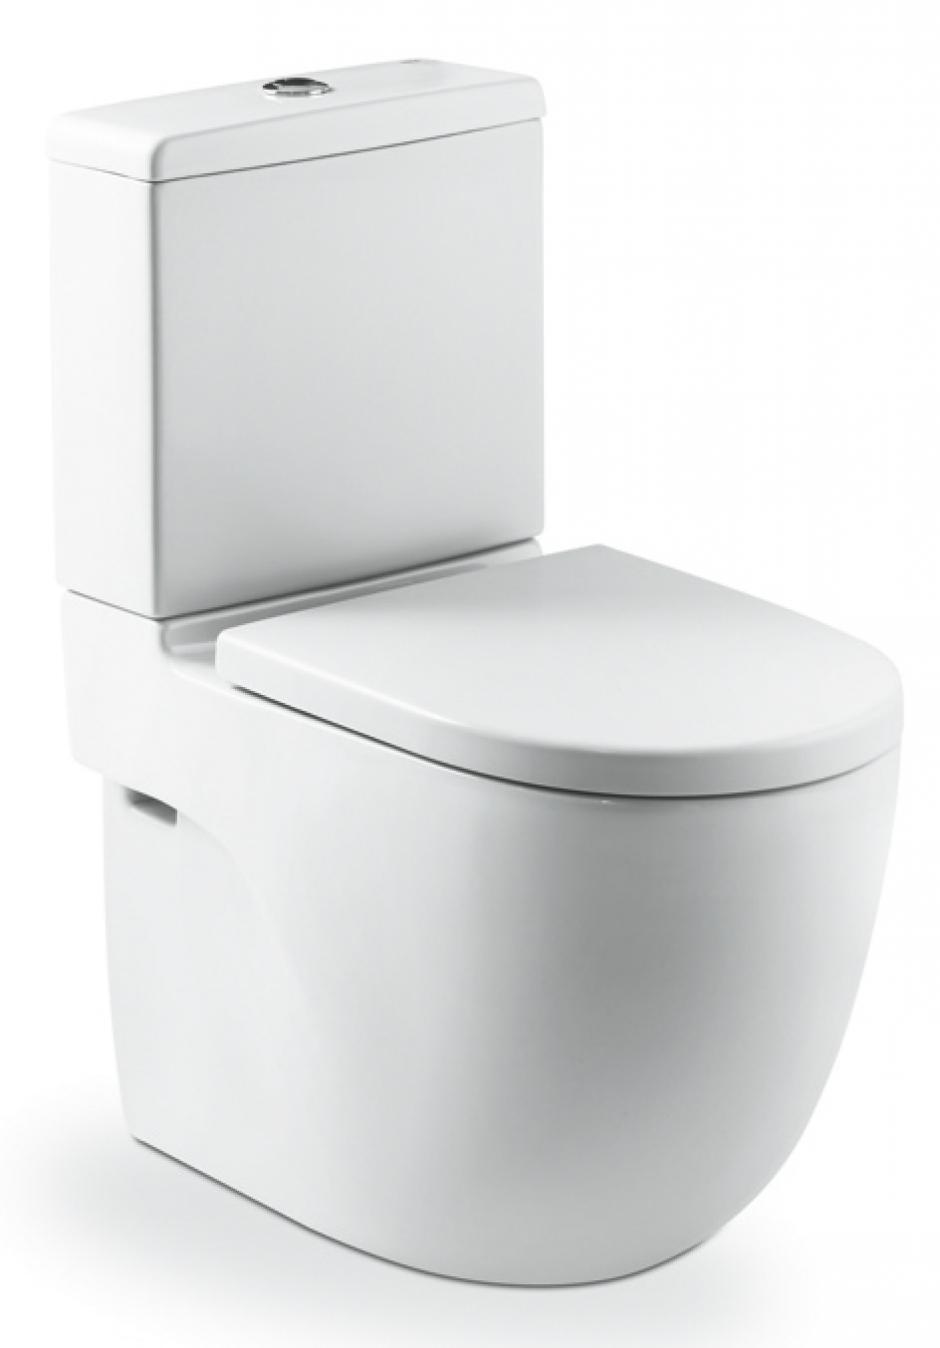 Salle de bain abattant wc abattant double wc avec for Inodoro roca meridian tanque bajo